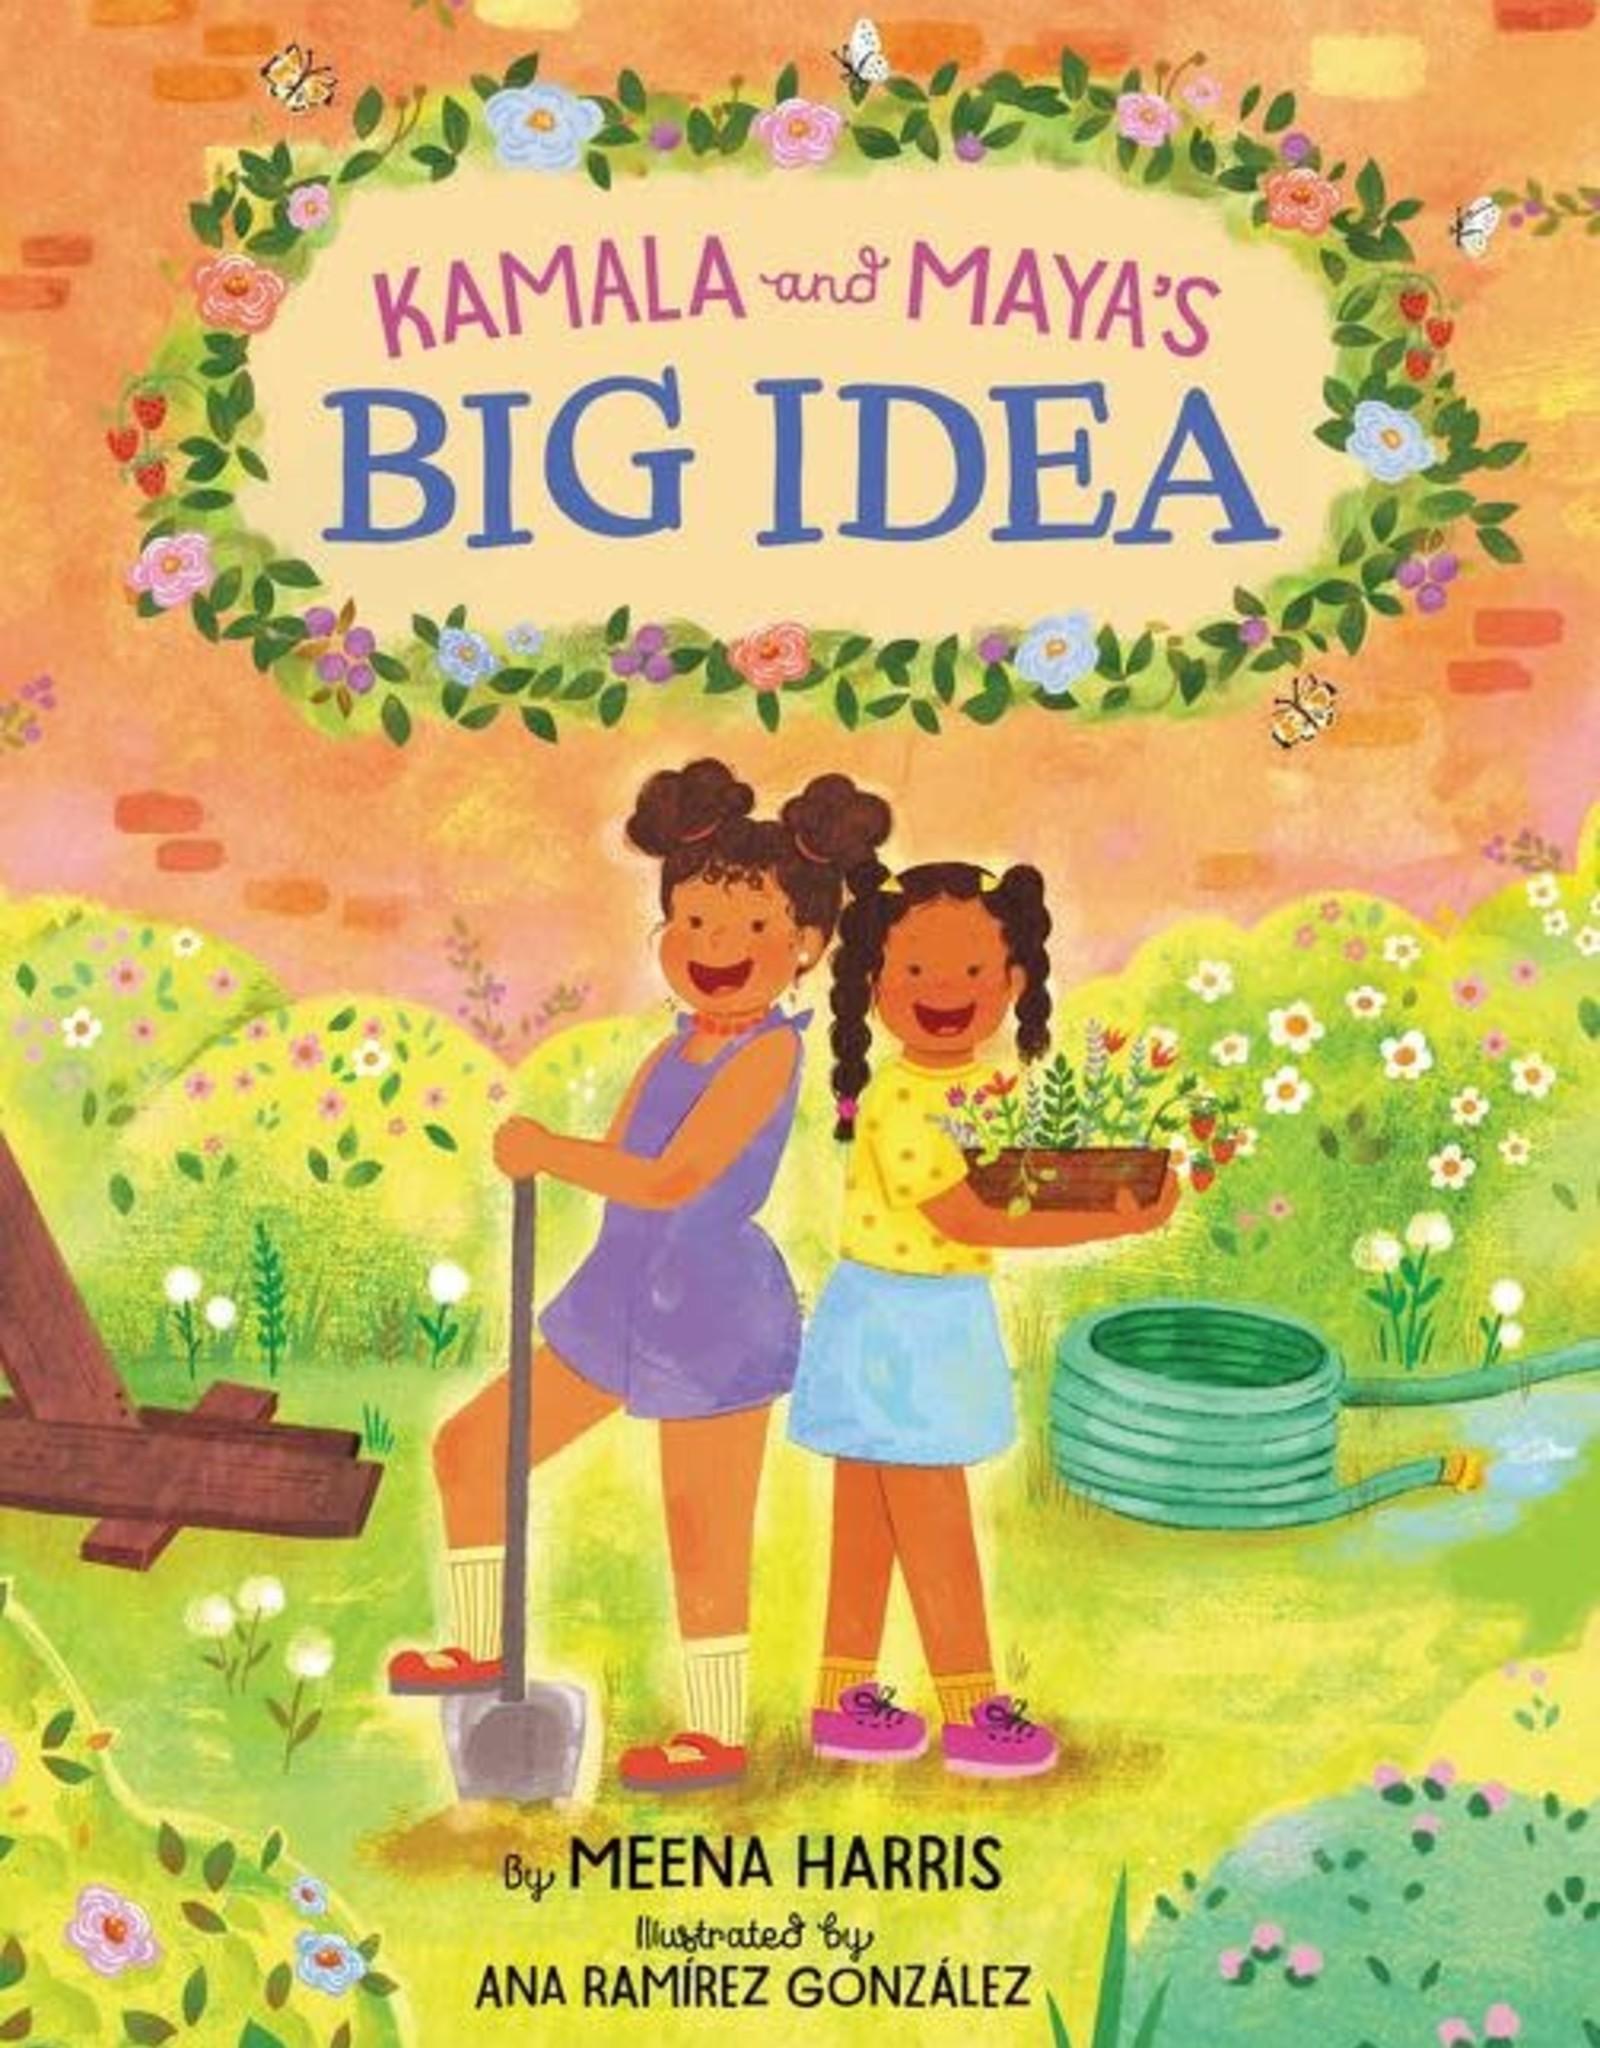 Harper Collins Kamala and Maya's Big Idea